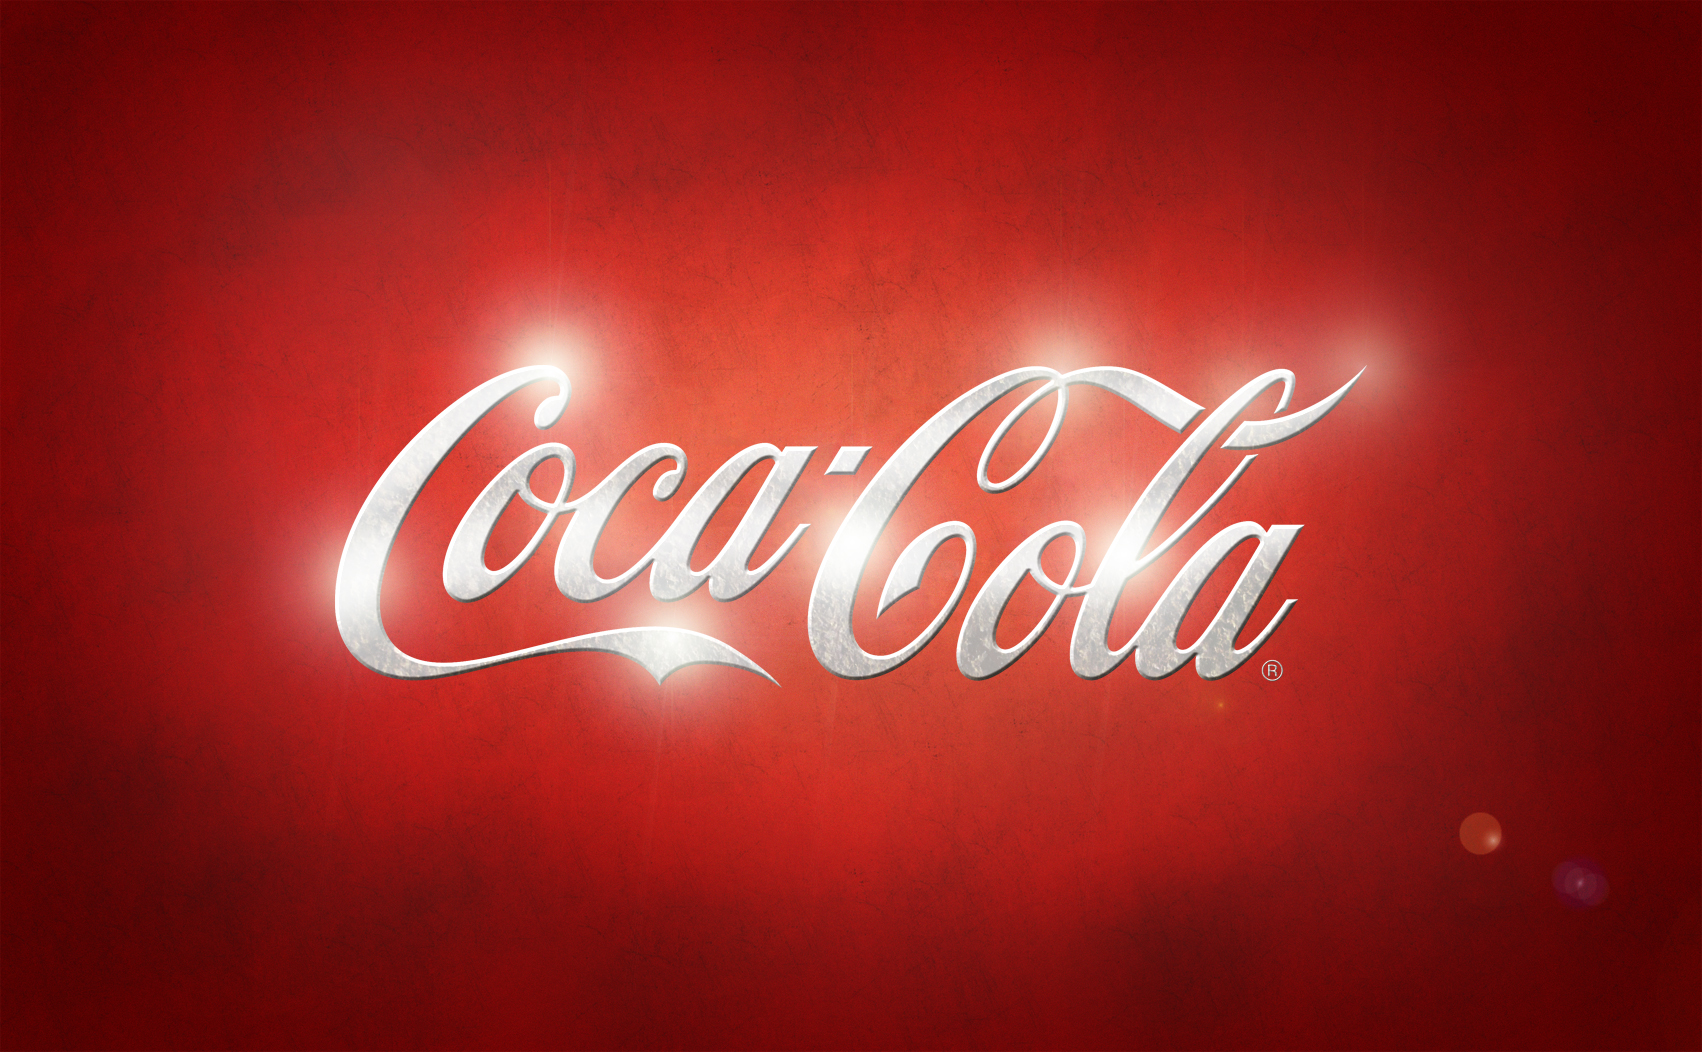 Coca Cola logo wallpaper Wallpaper